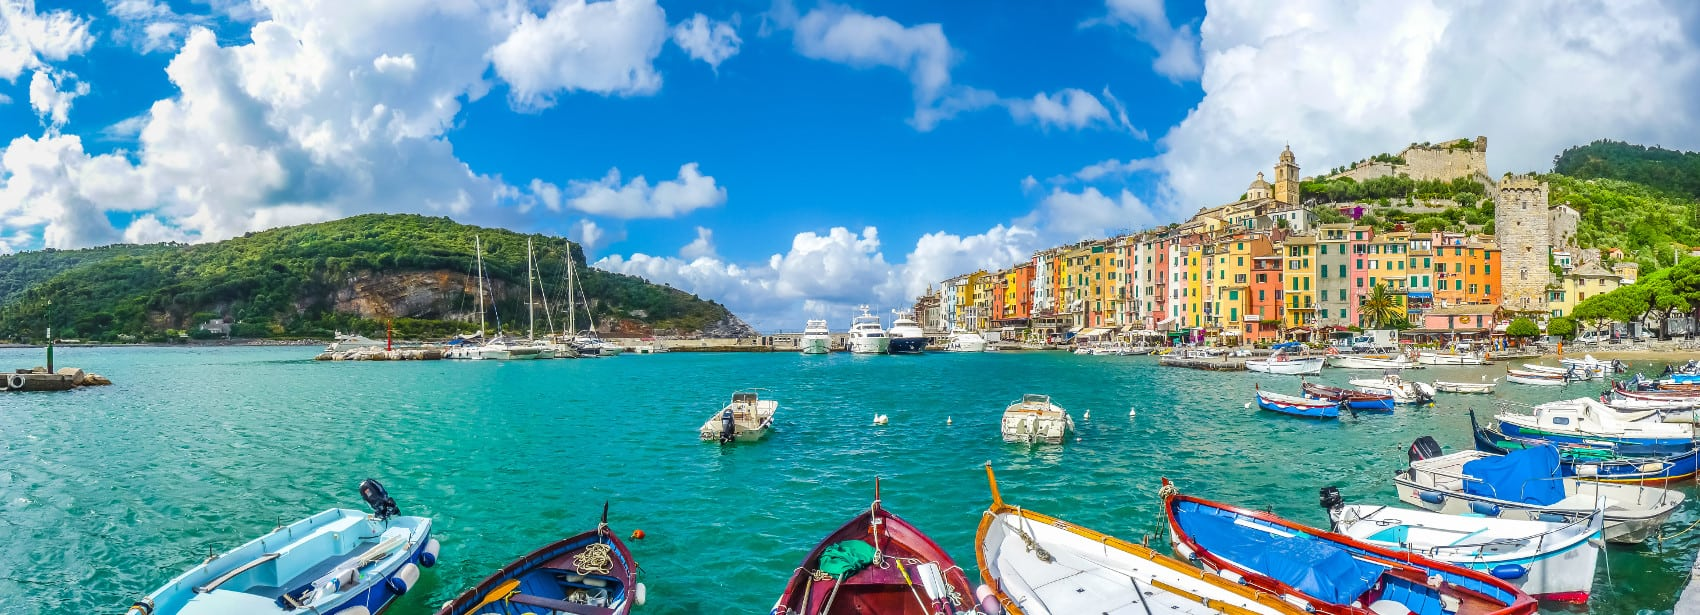 Tour Liguria by Volver Viaggi